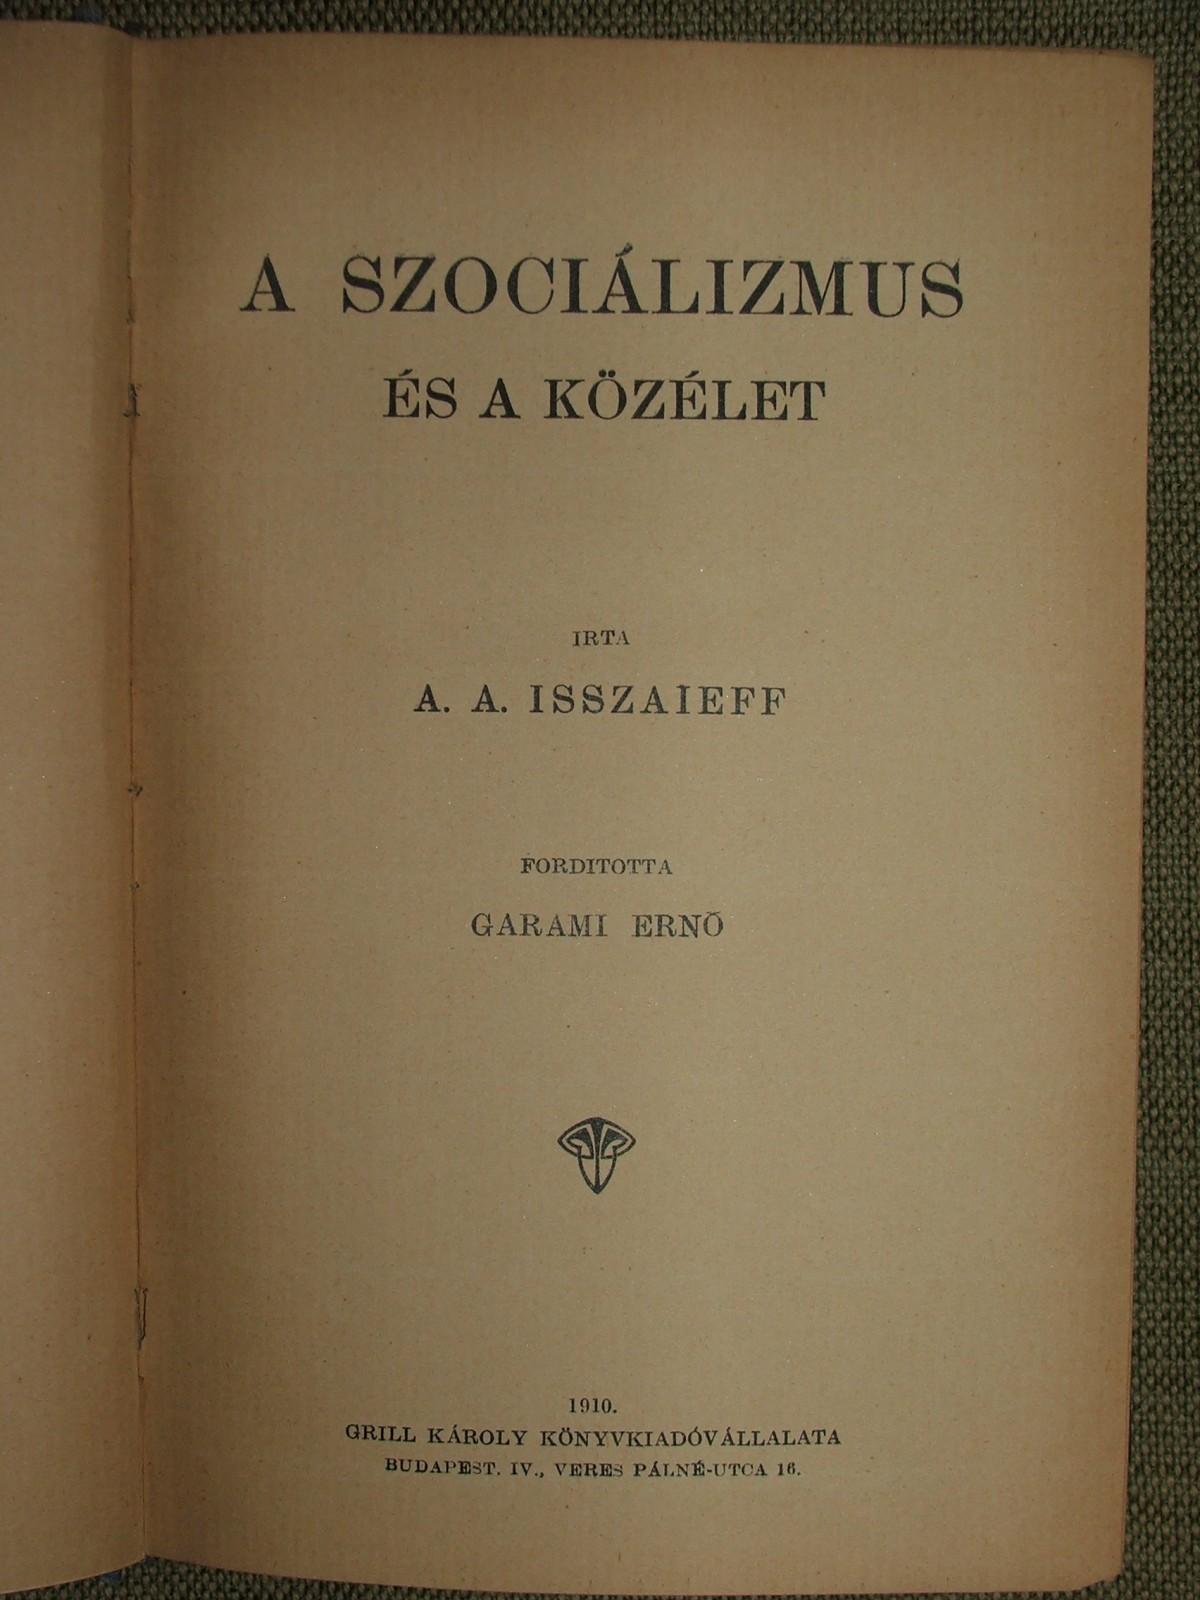 ISSZAIEFF, A.A.: A szociálizmus és a közélet